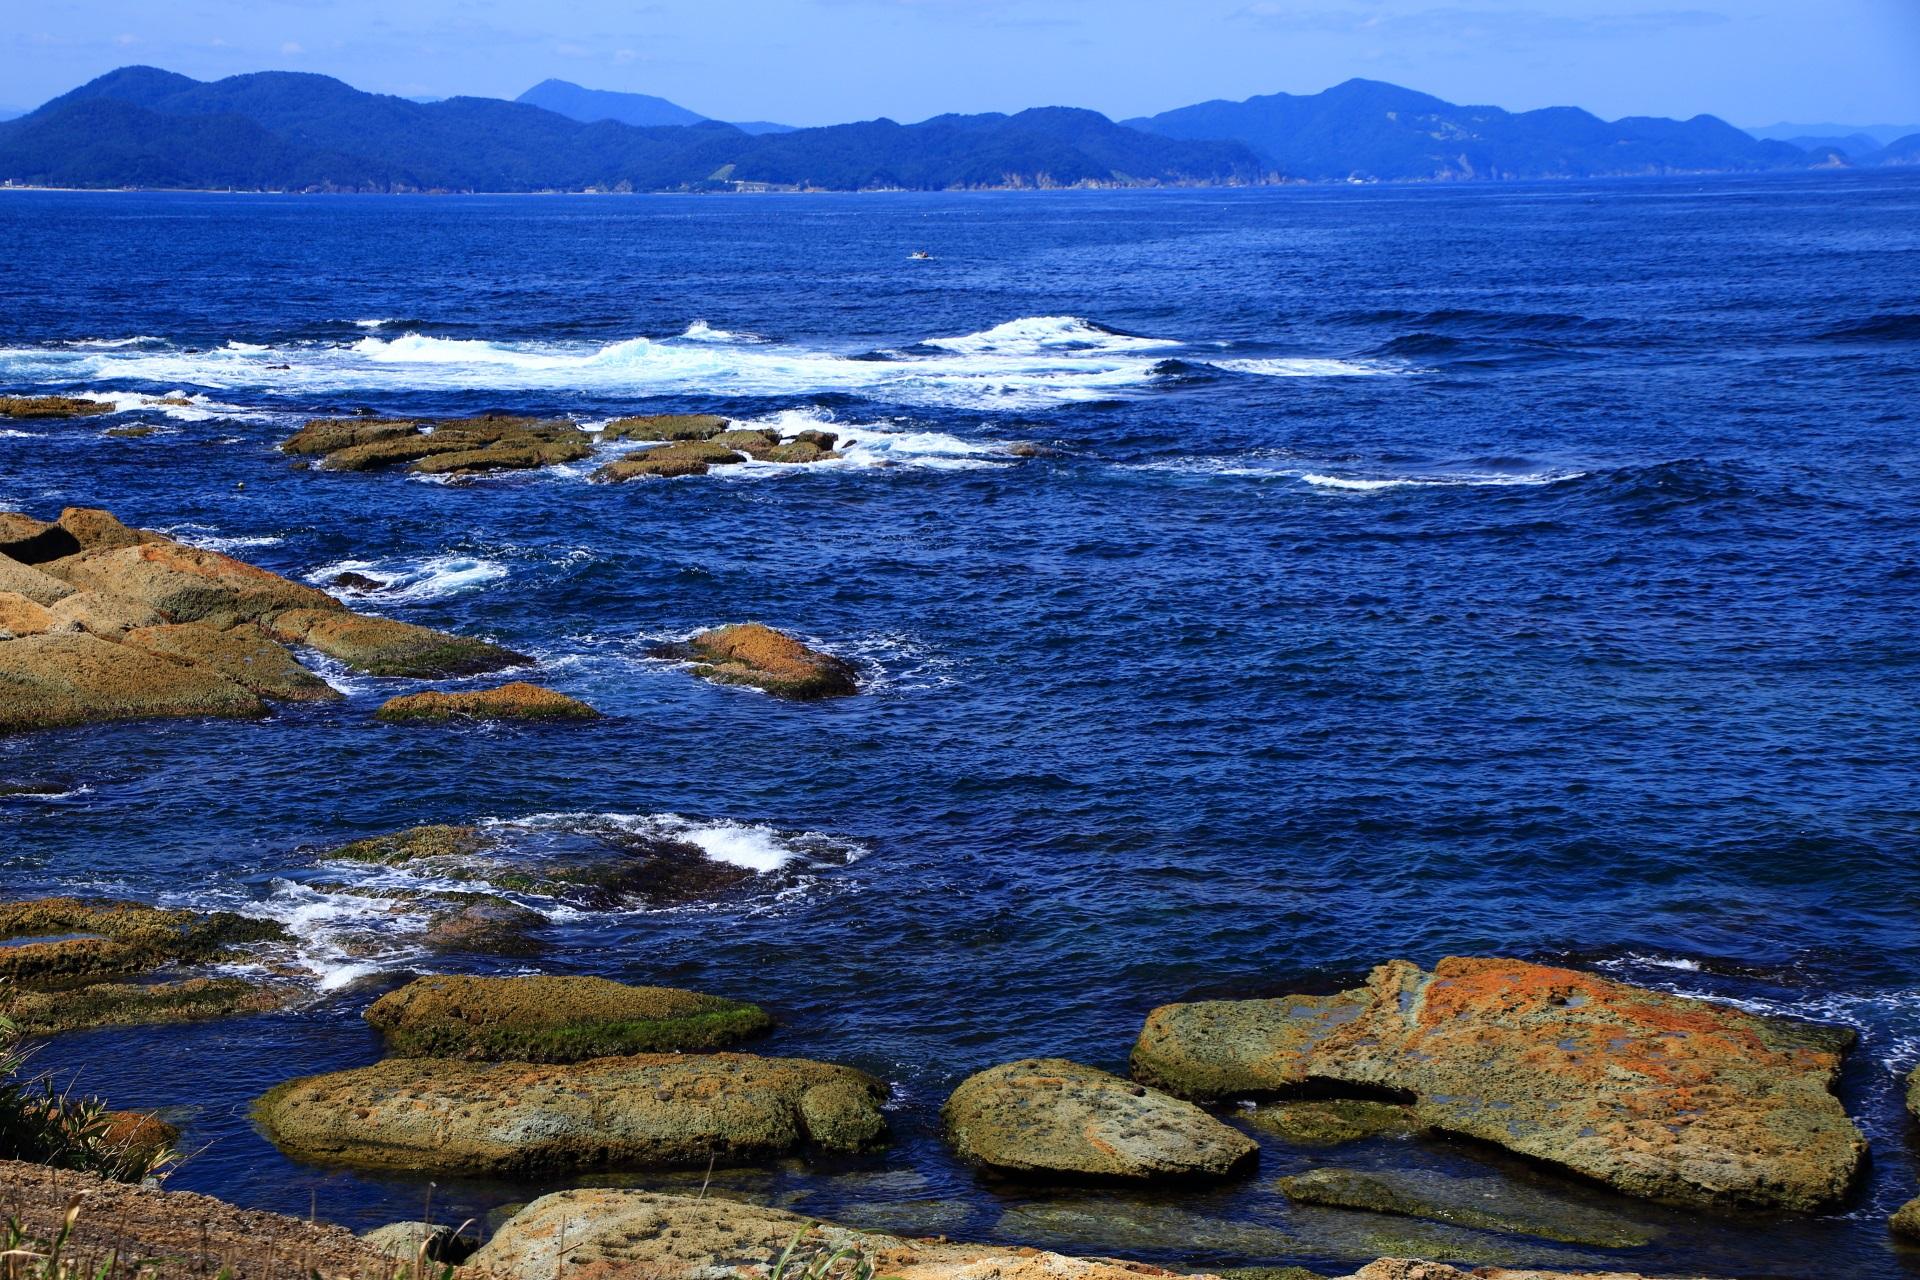 綺麗な日本海といろんな形をした五色浜の岩